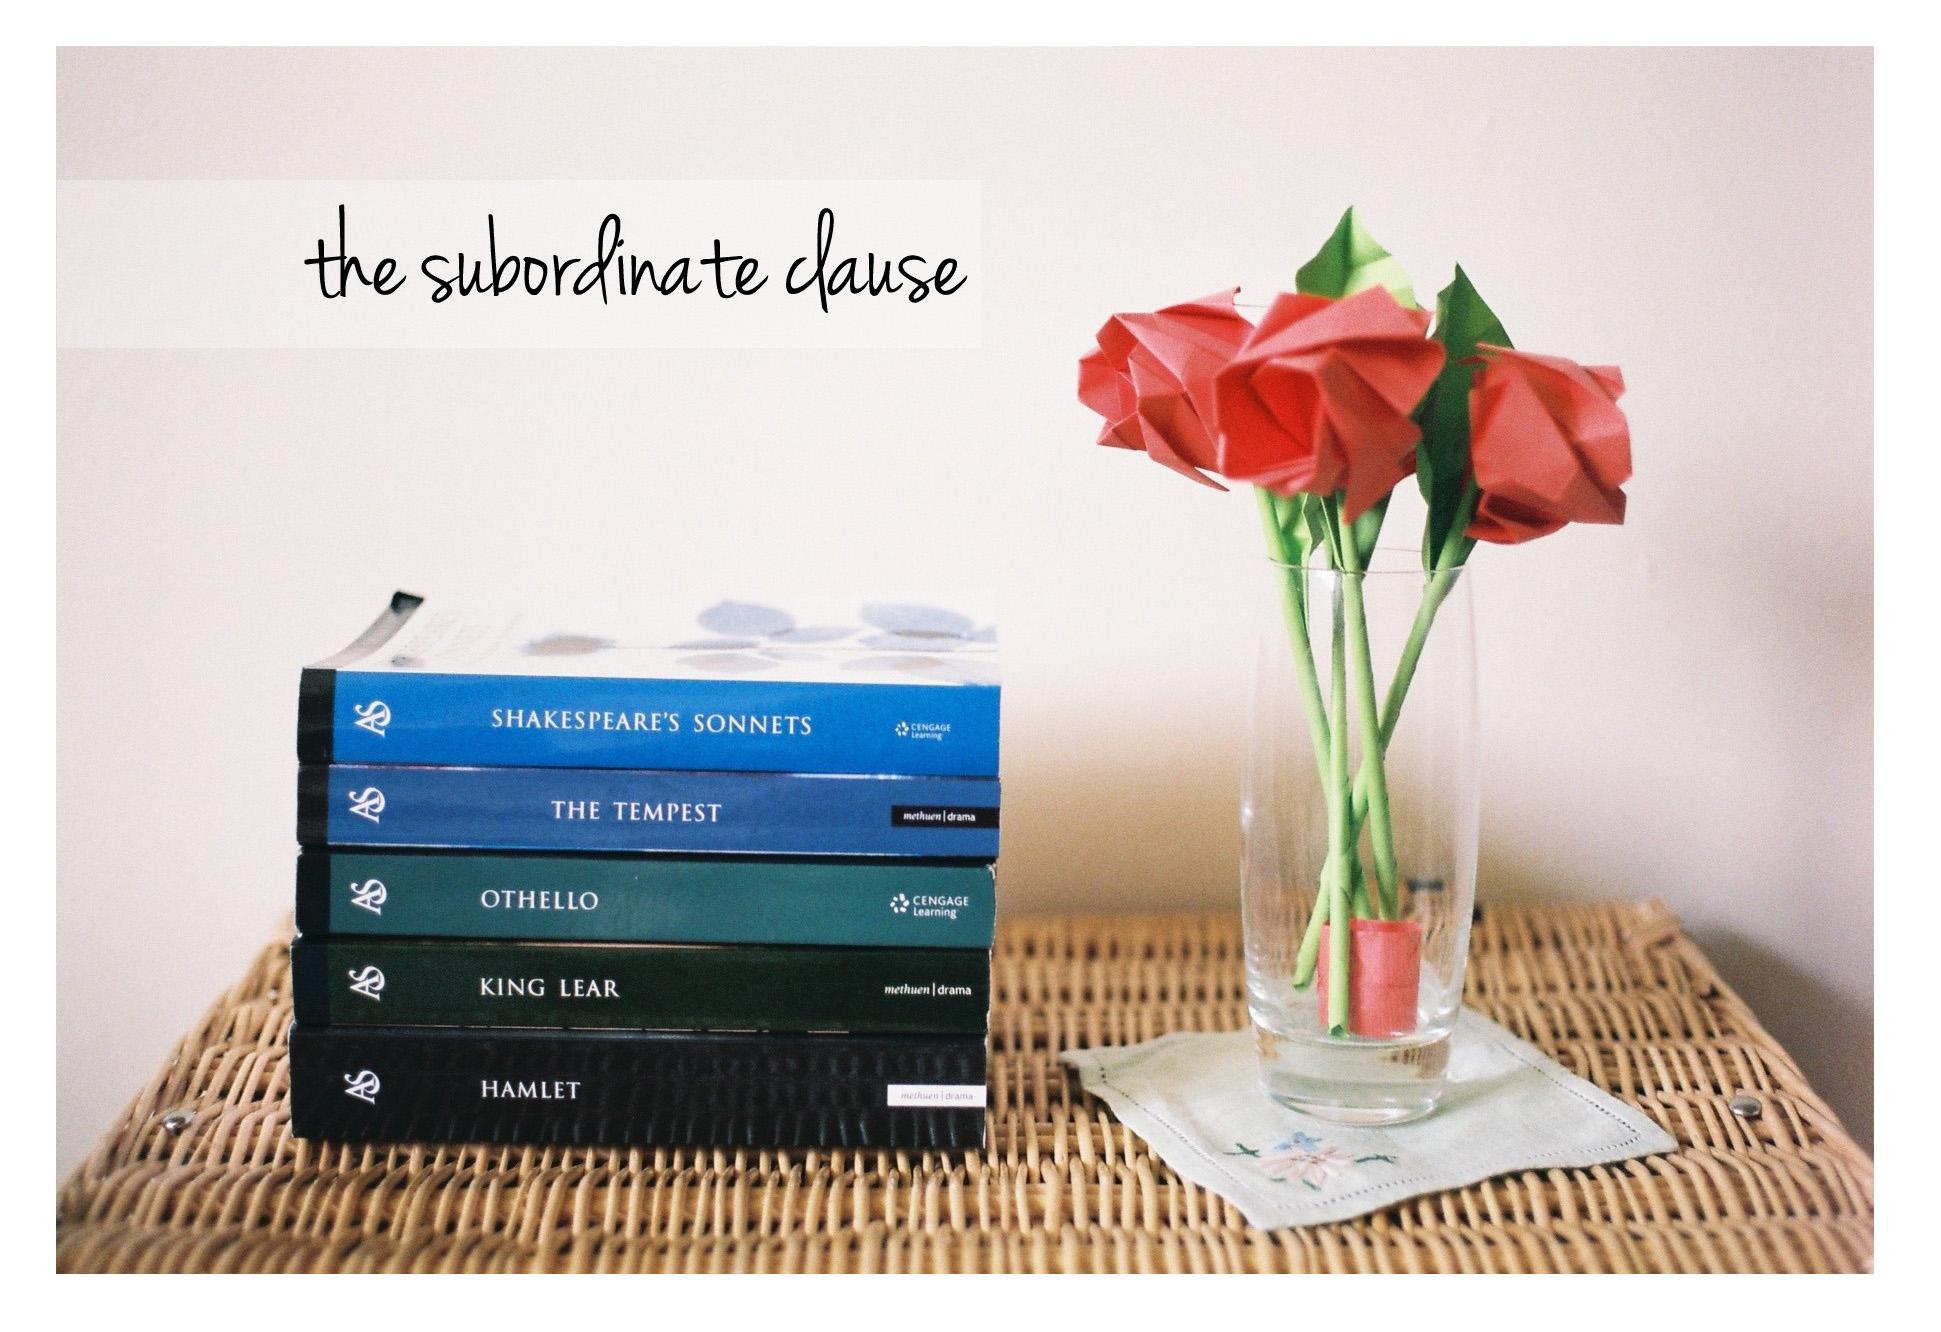 subordinateclause